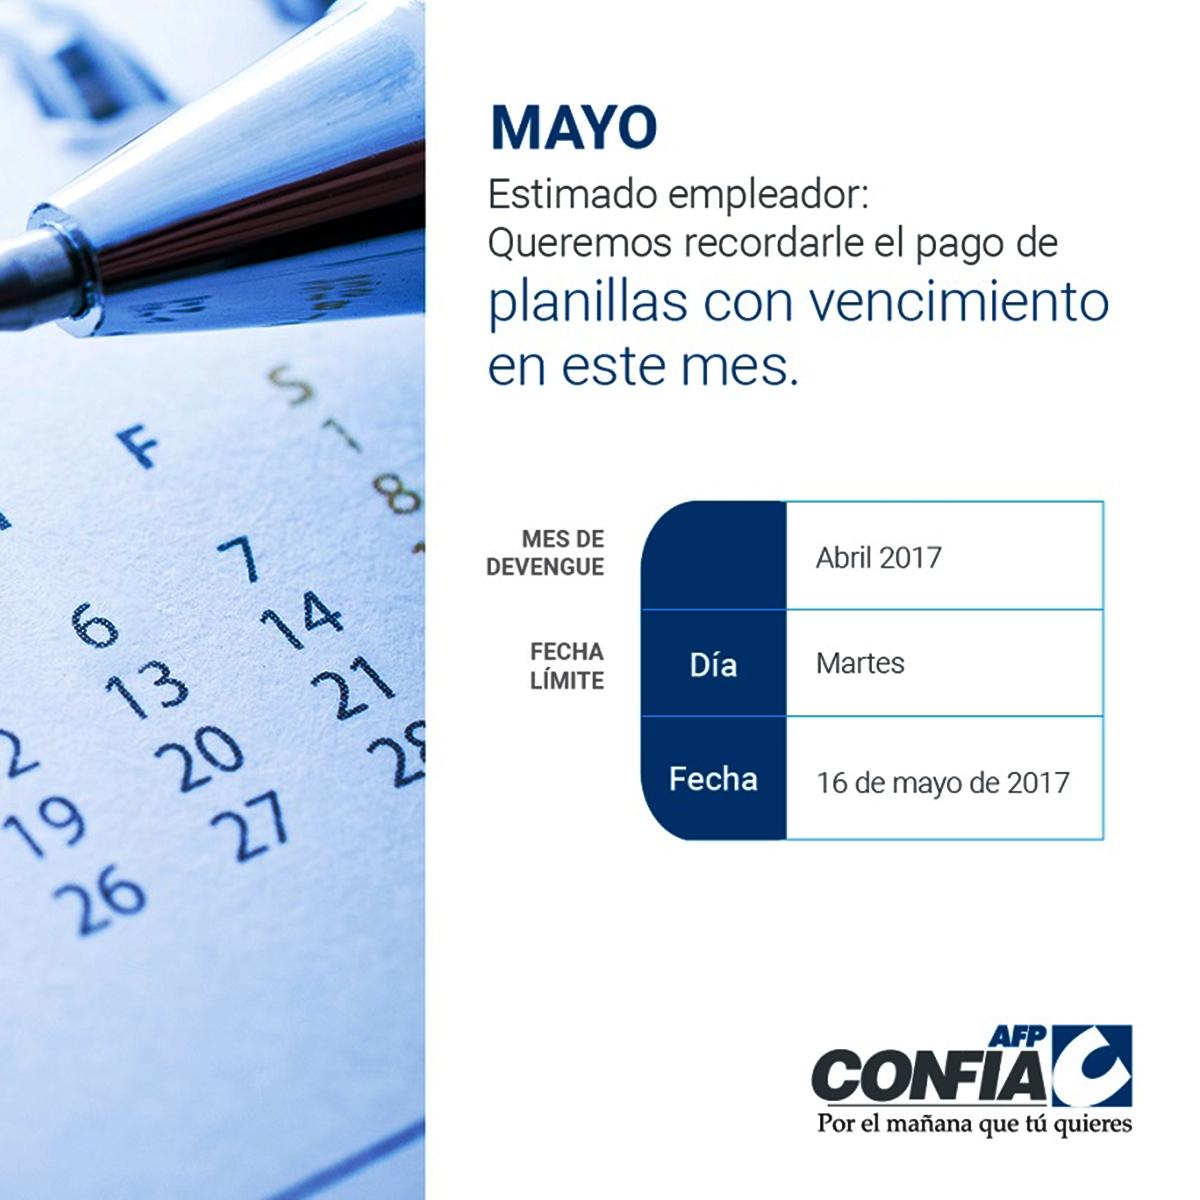 Lujoso Reanudar Las Habilidades De Contable Ilustración - Colección ...